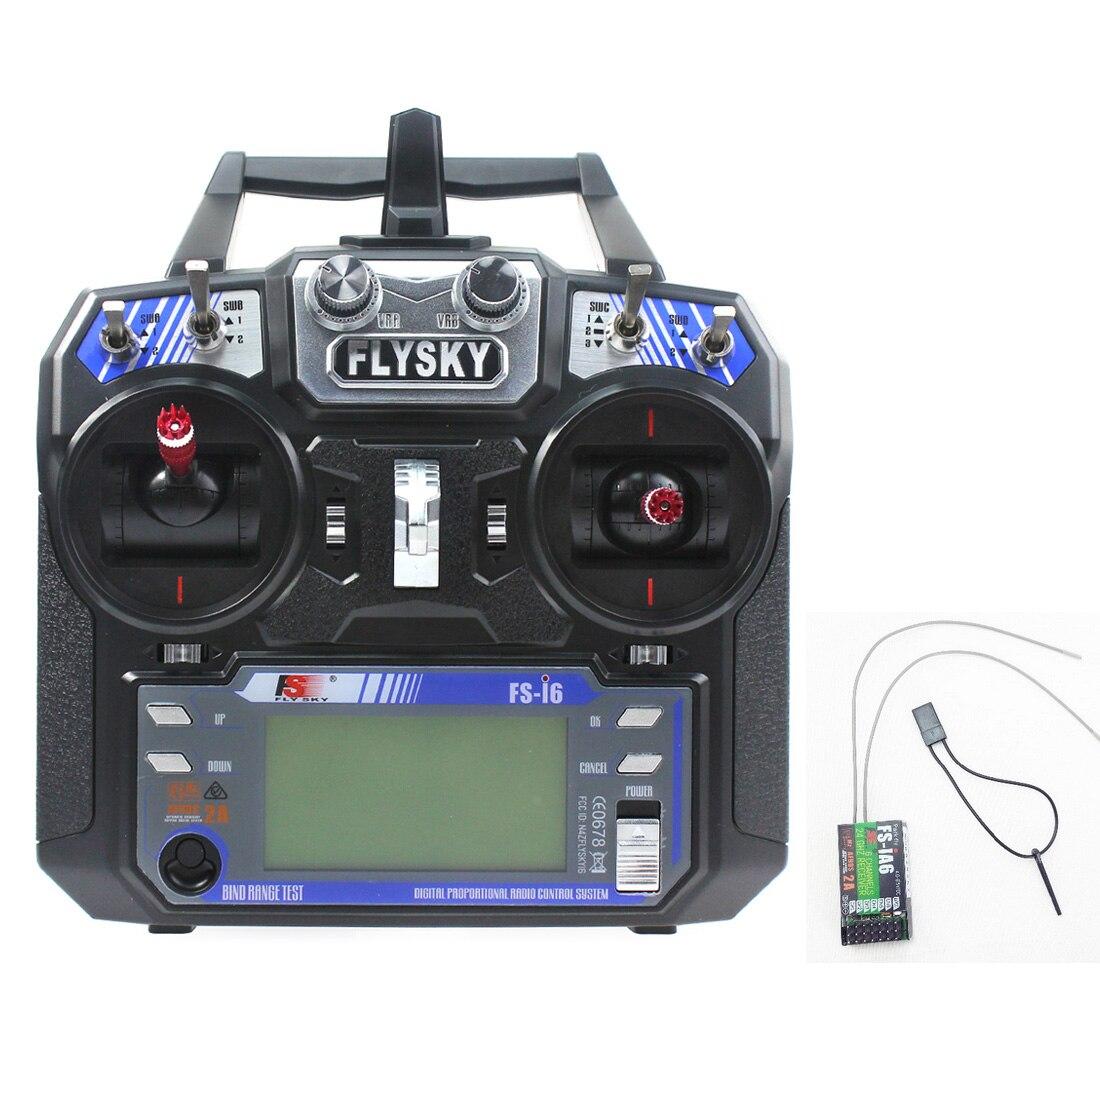 ستة المحور Hexacopter المفكك GPS Drone كيت مع Flysky FS i6 6CH 2.4 جرام TX و RX APM 2.8 Multicopter وحدة تحكم في الطيران F10513 F-في طائرات هليوكوبترتعمل بالتحكم عن بعد من الألعاب والهوايات على  مجموعة 2